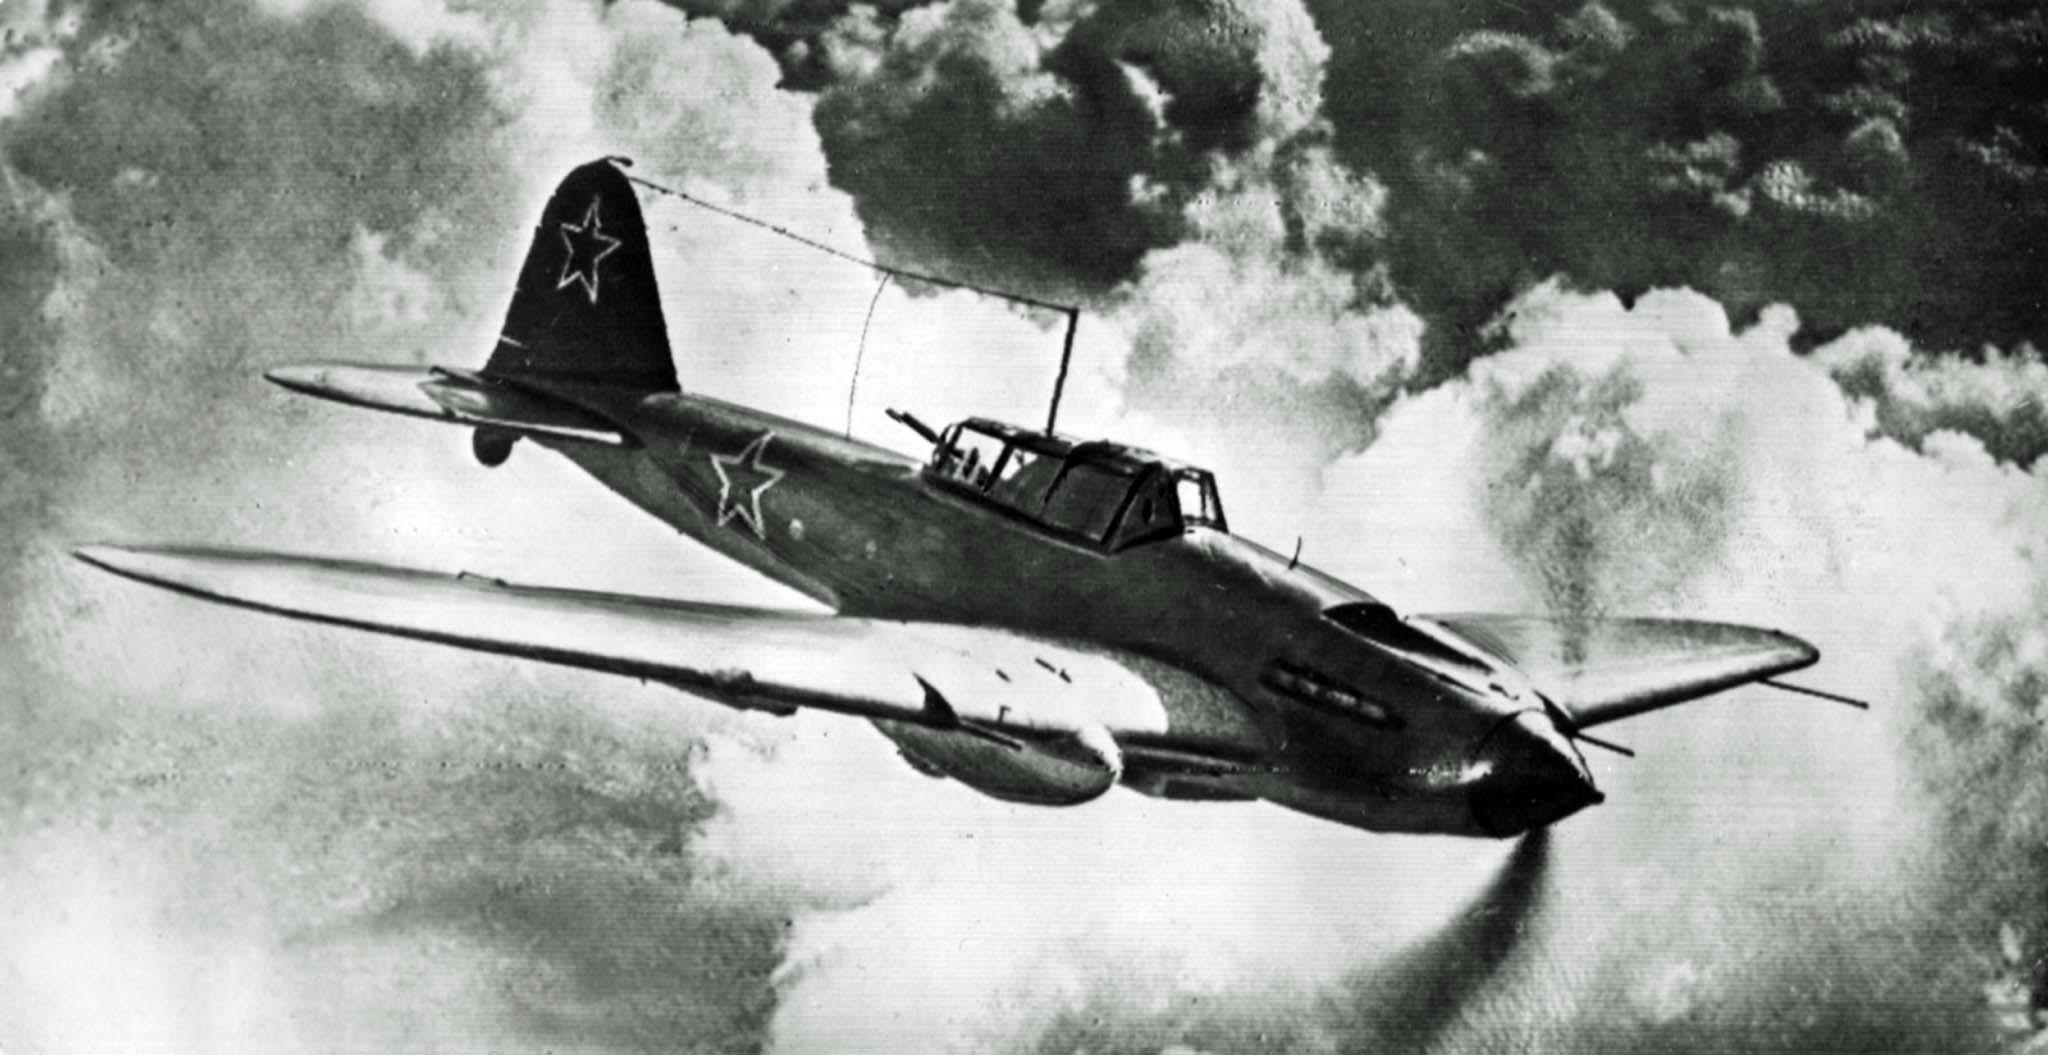 Ilyushin Il-2